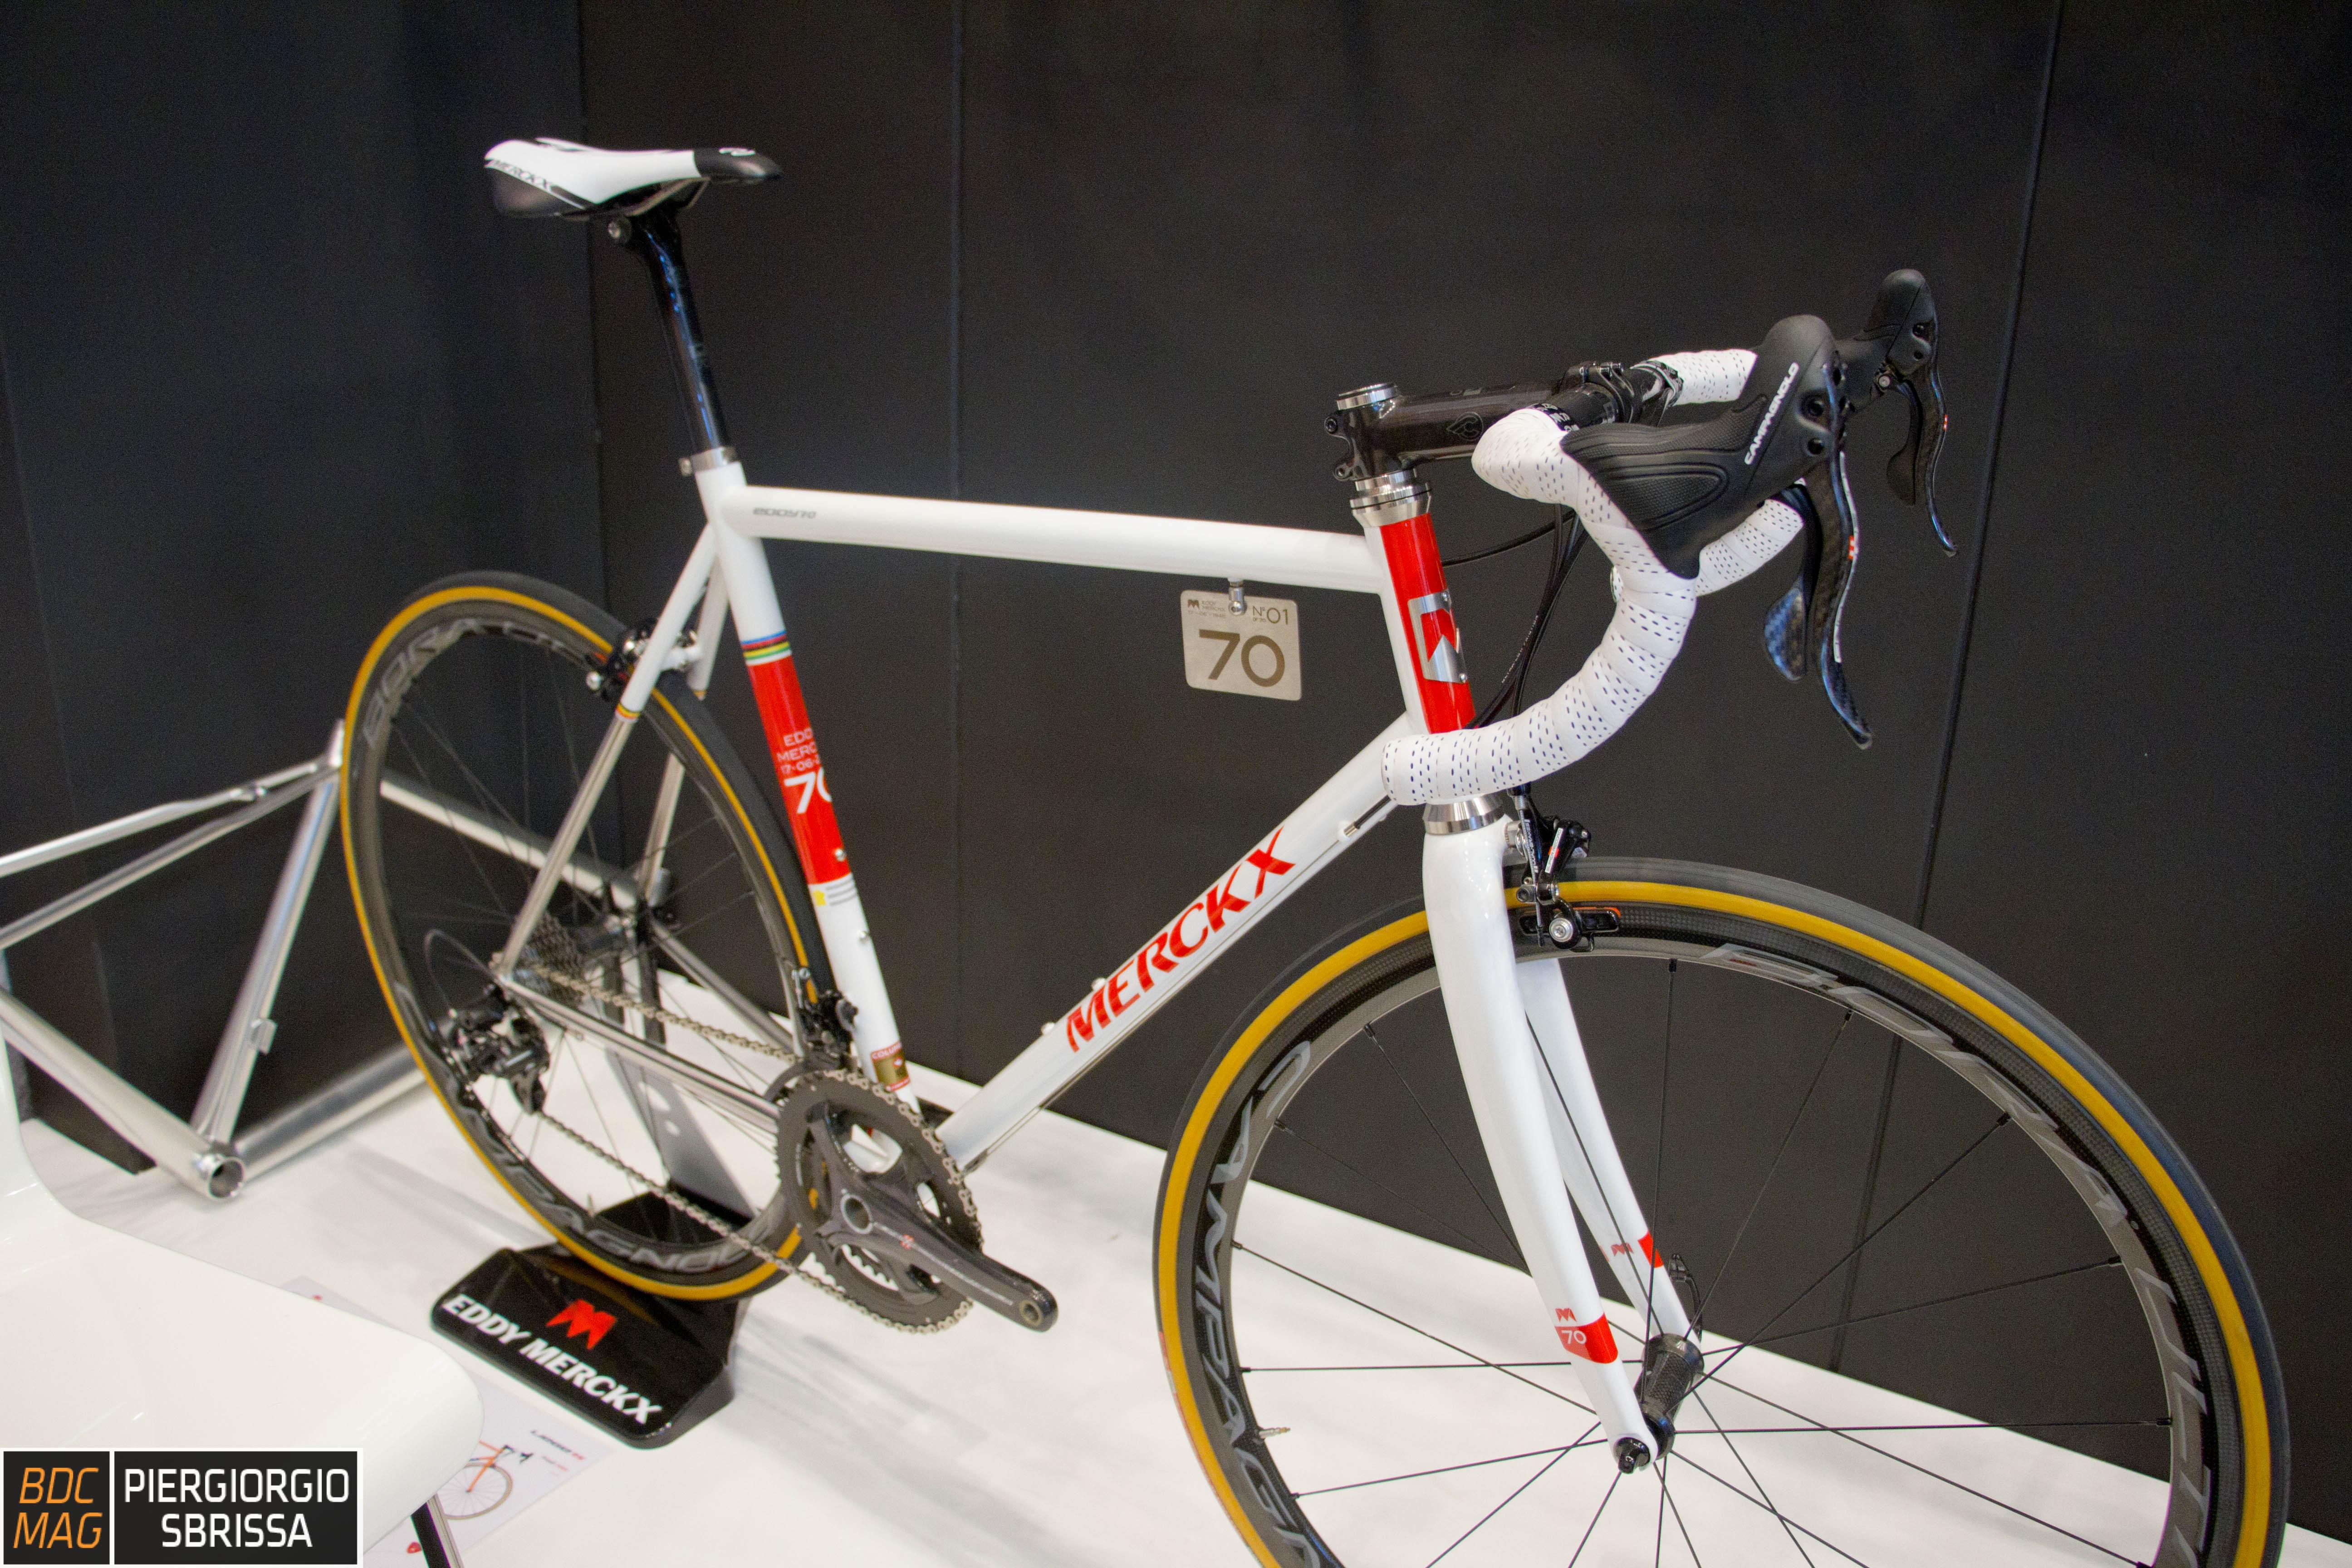 Eurobike 2015: Merckx